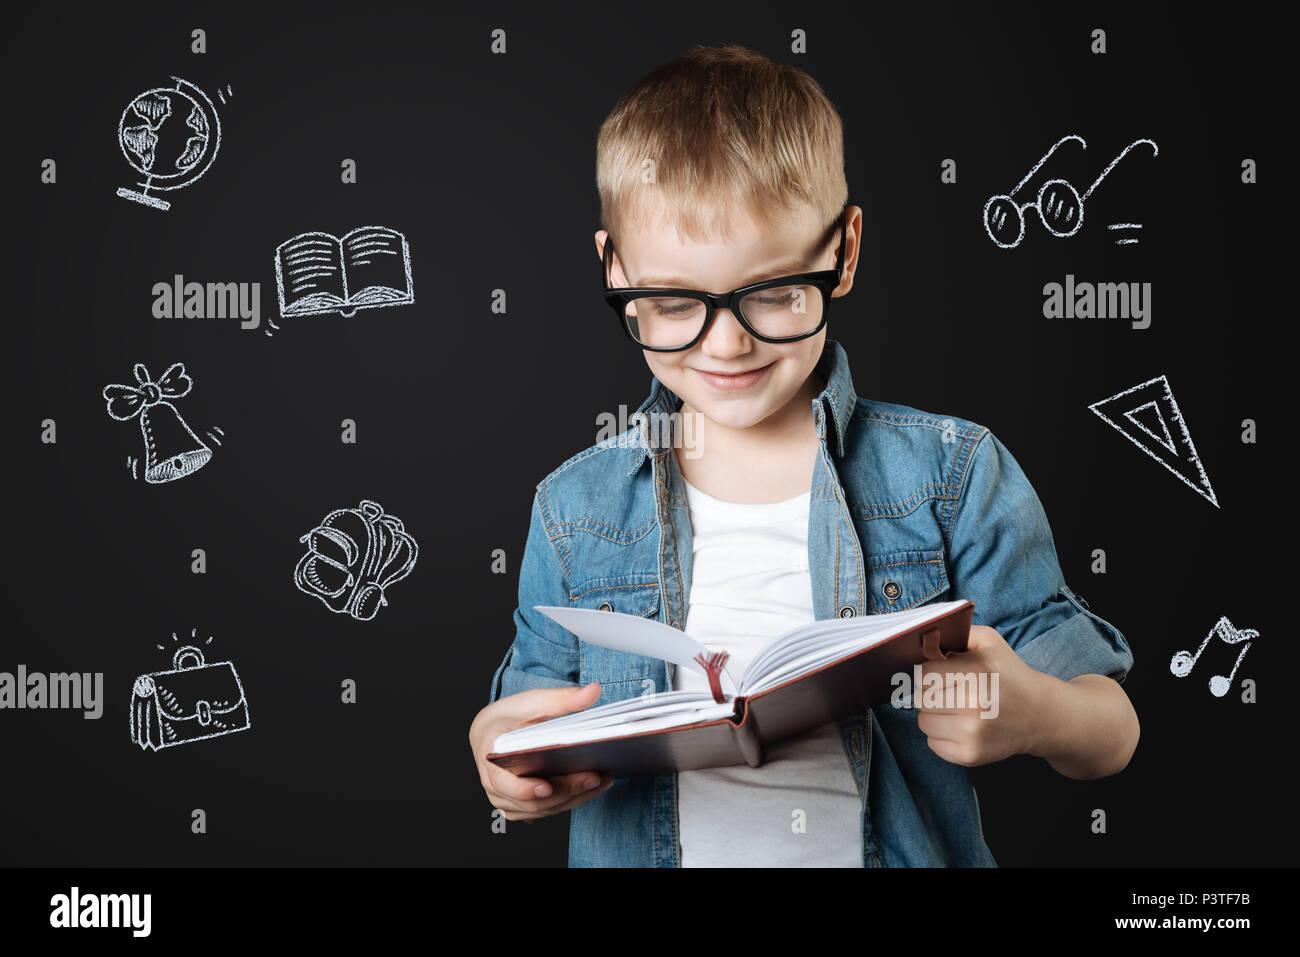 Colegial sonriente con gafas durante la lectura Imagen De Stock